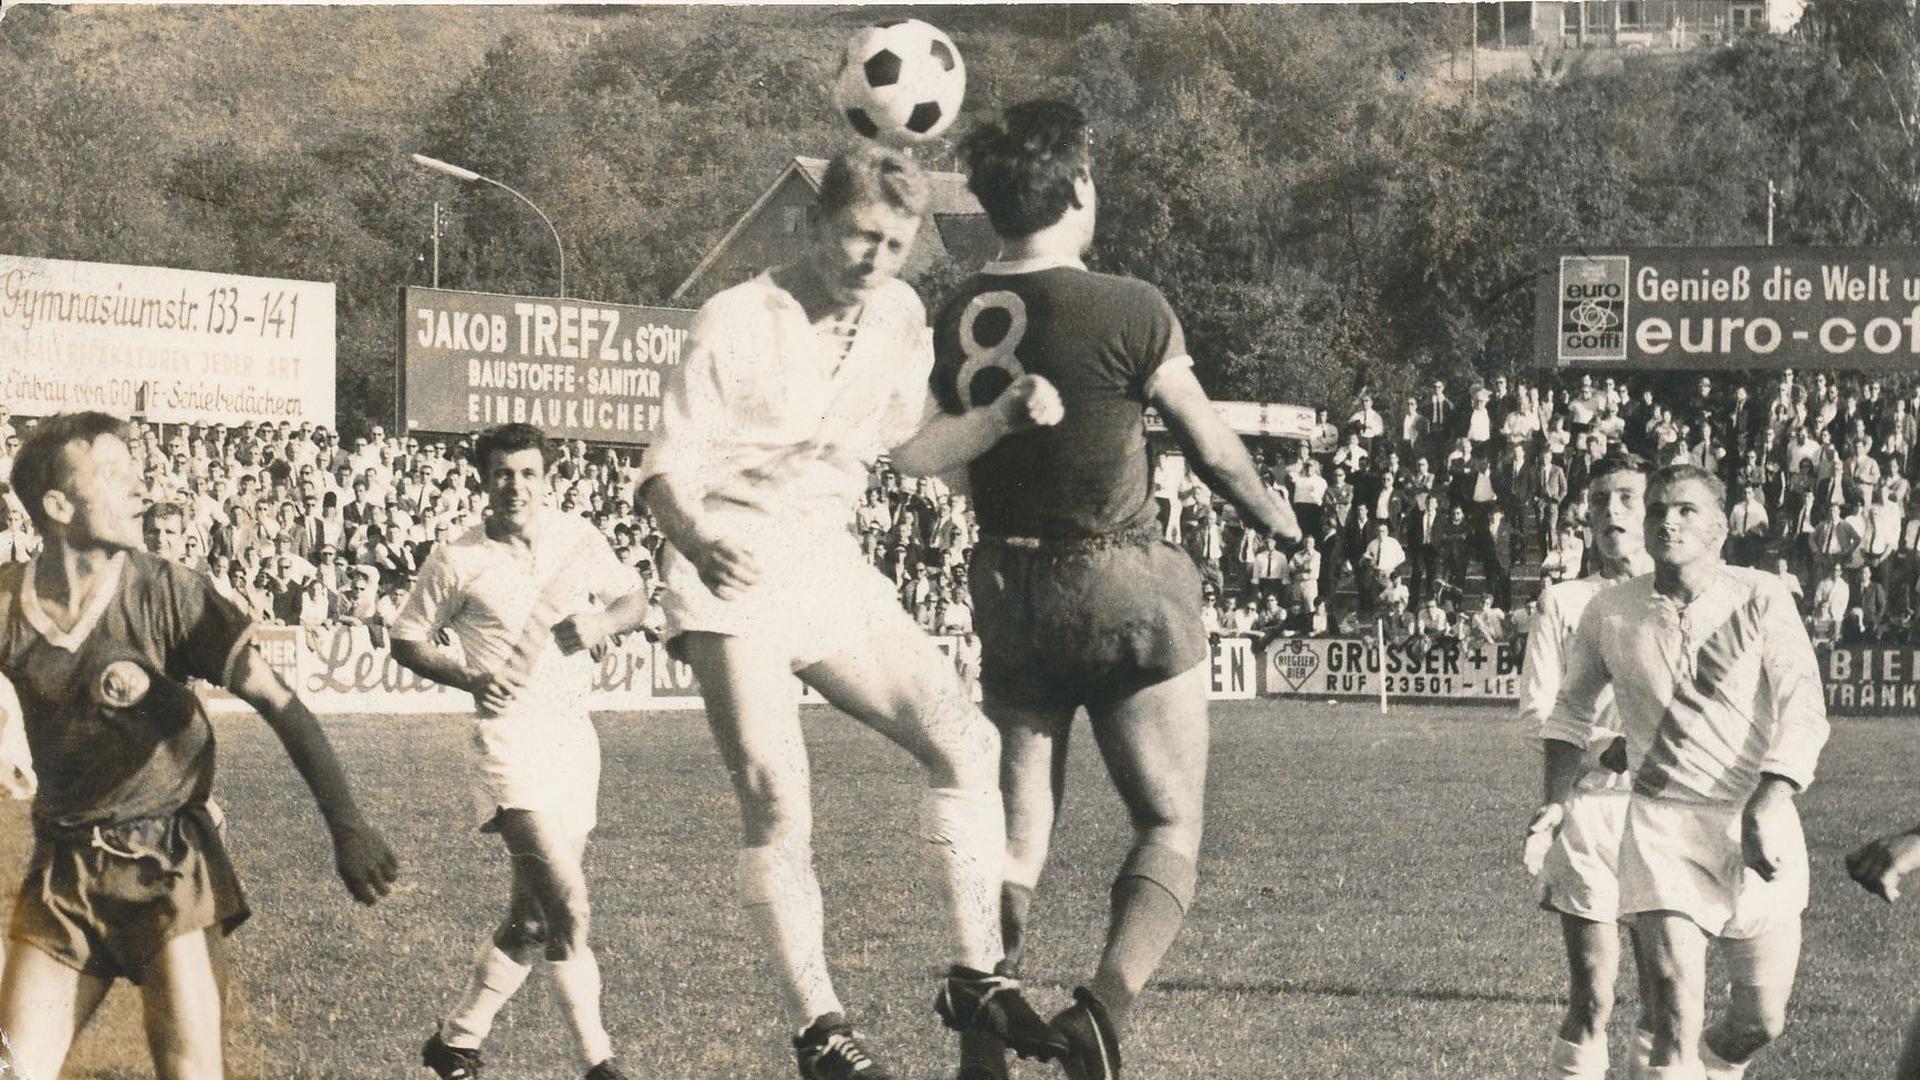 Kopfballduell: FCP-Akteur Winfried Hirschen (links, im Duell mit dem VfR Pforzheim) steigt am 25. September 1967 hoch, sein Mitspieler Dieter Rosanowski (Zweiter von rechts) beobachtet die Szene.